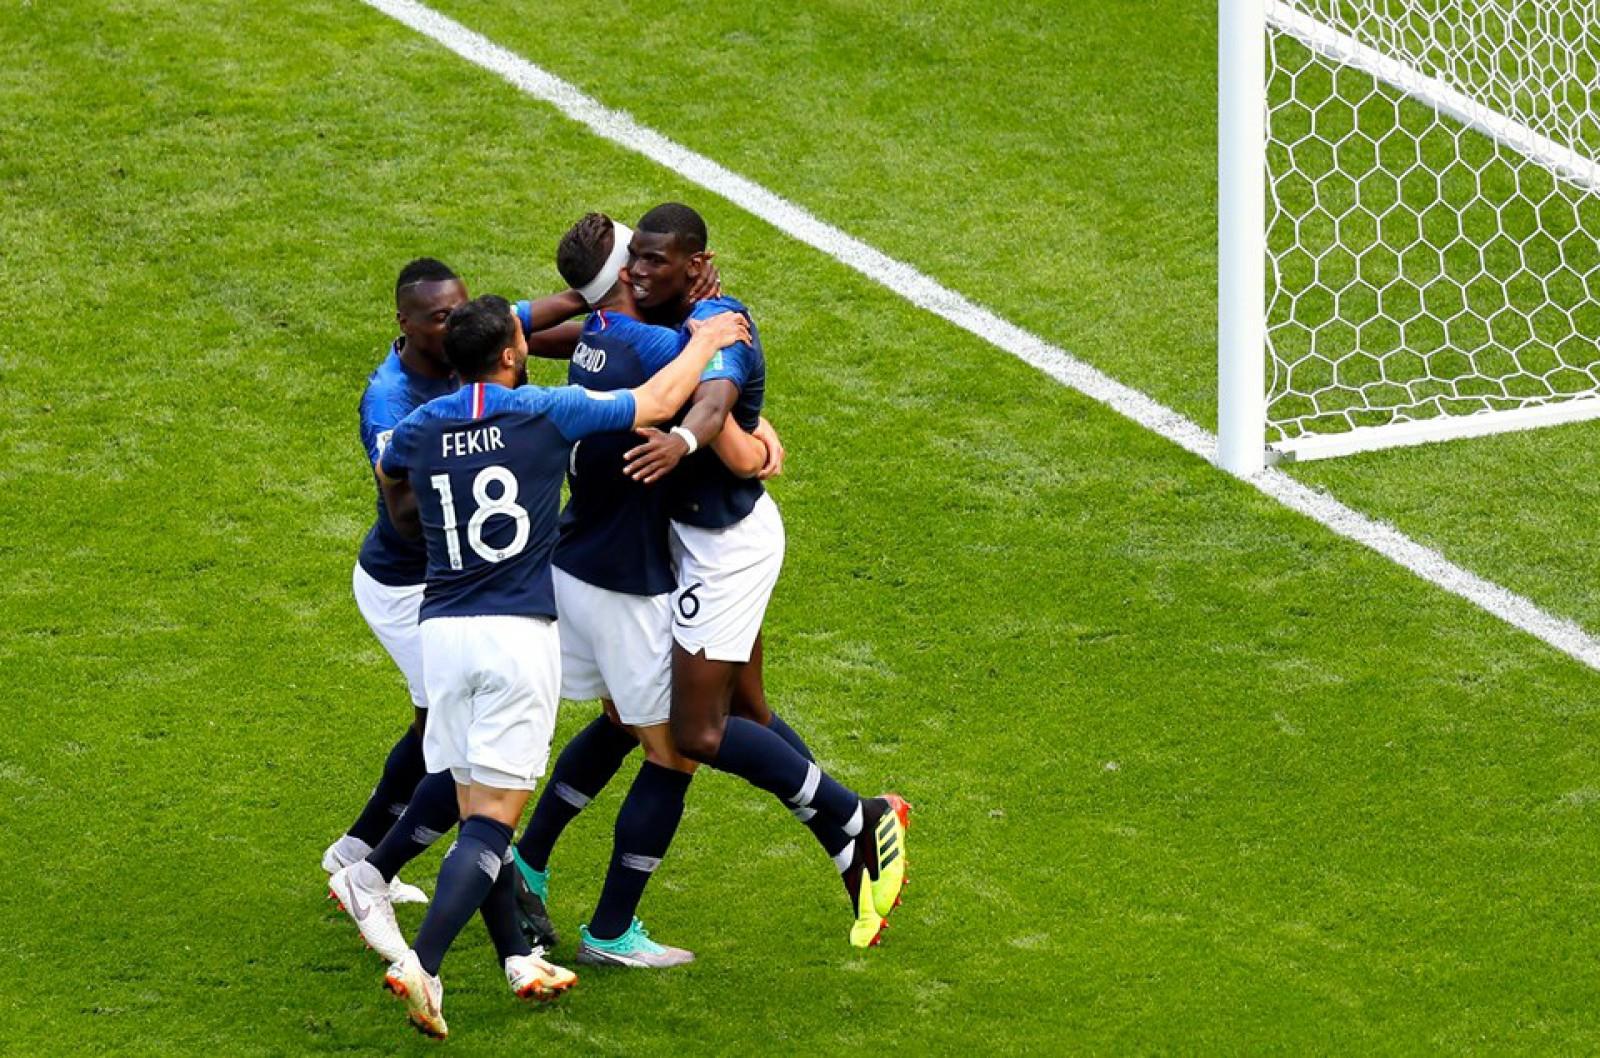 Franța 2-1 Australia: Paul Pogba a marcat golul victoriei pentru naționala